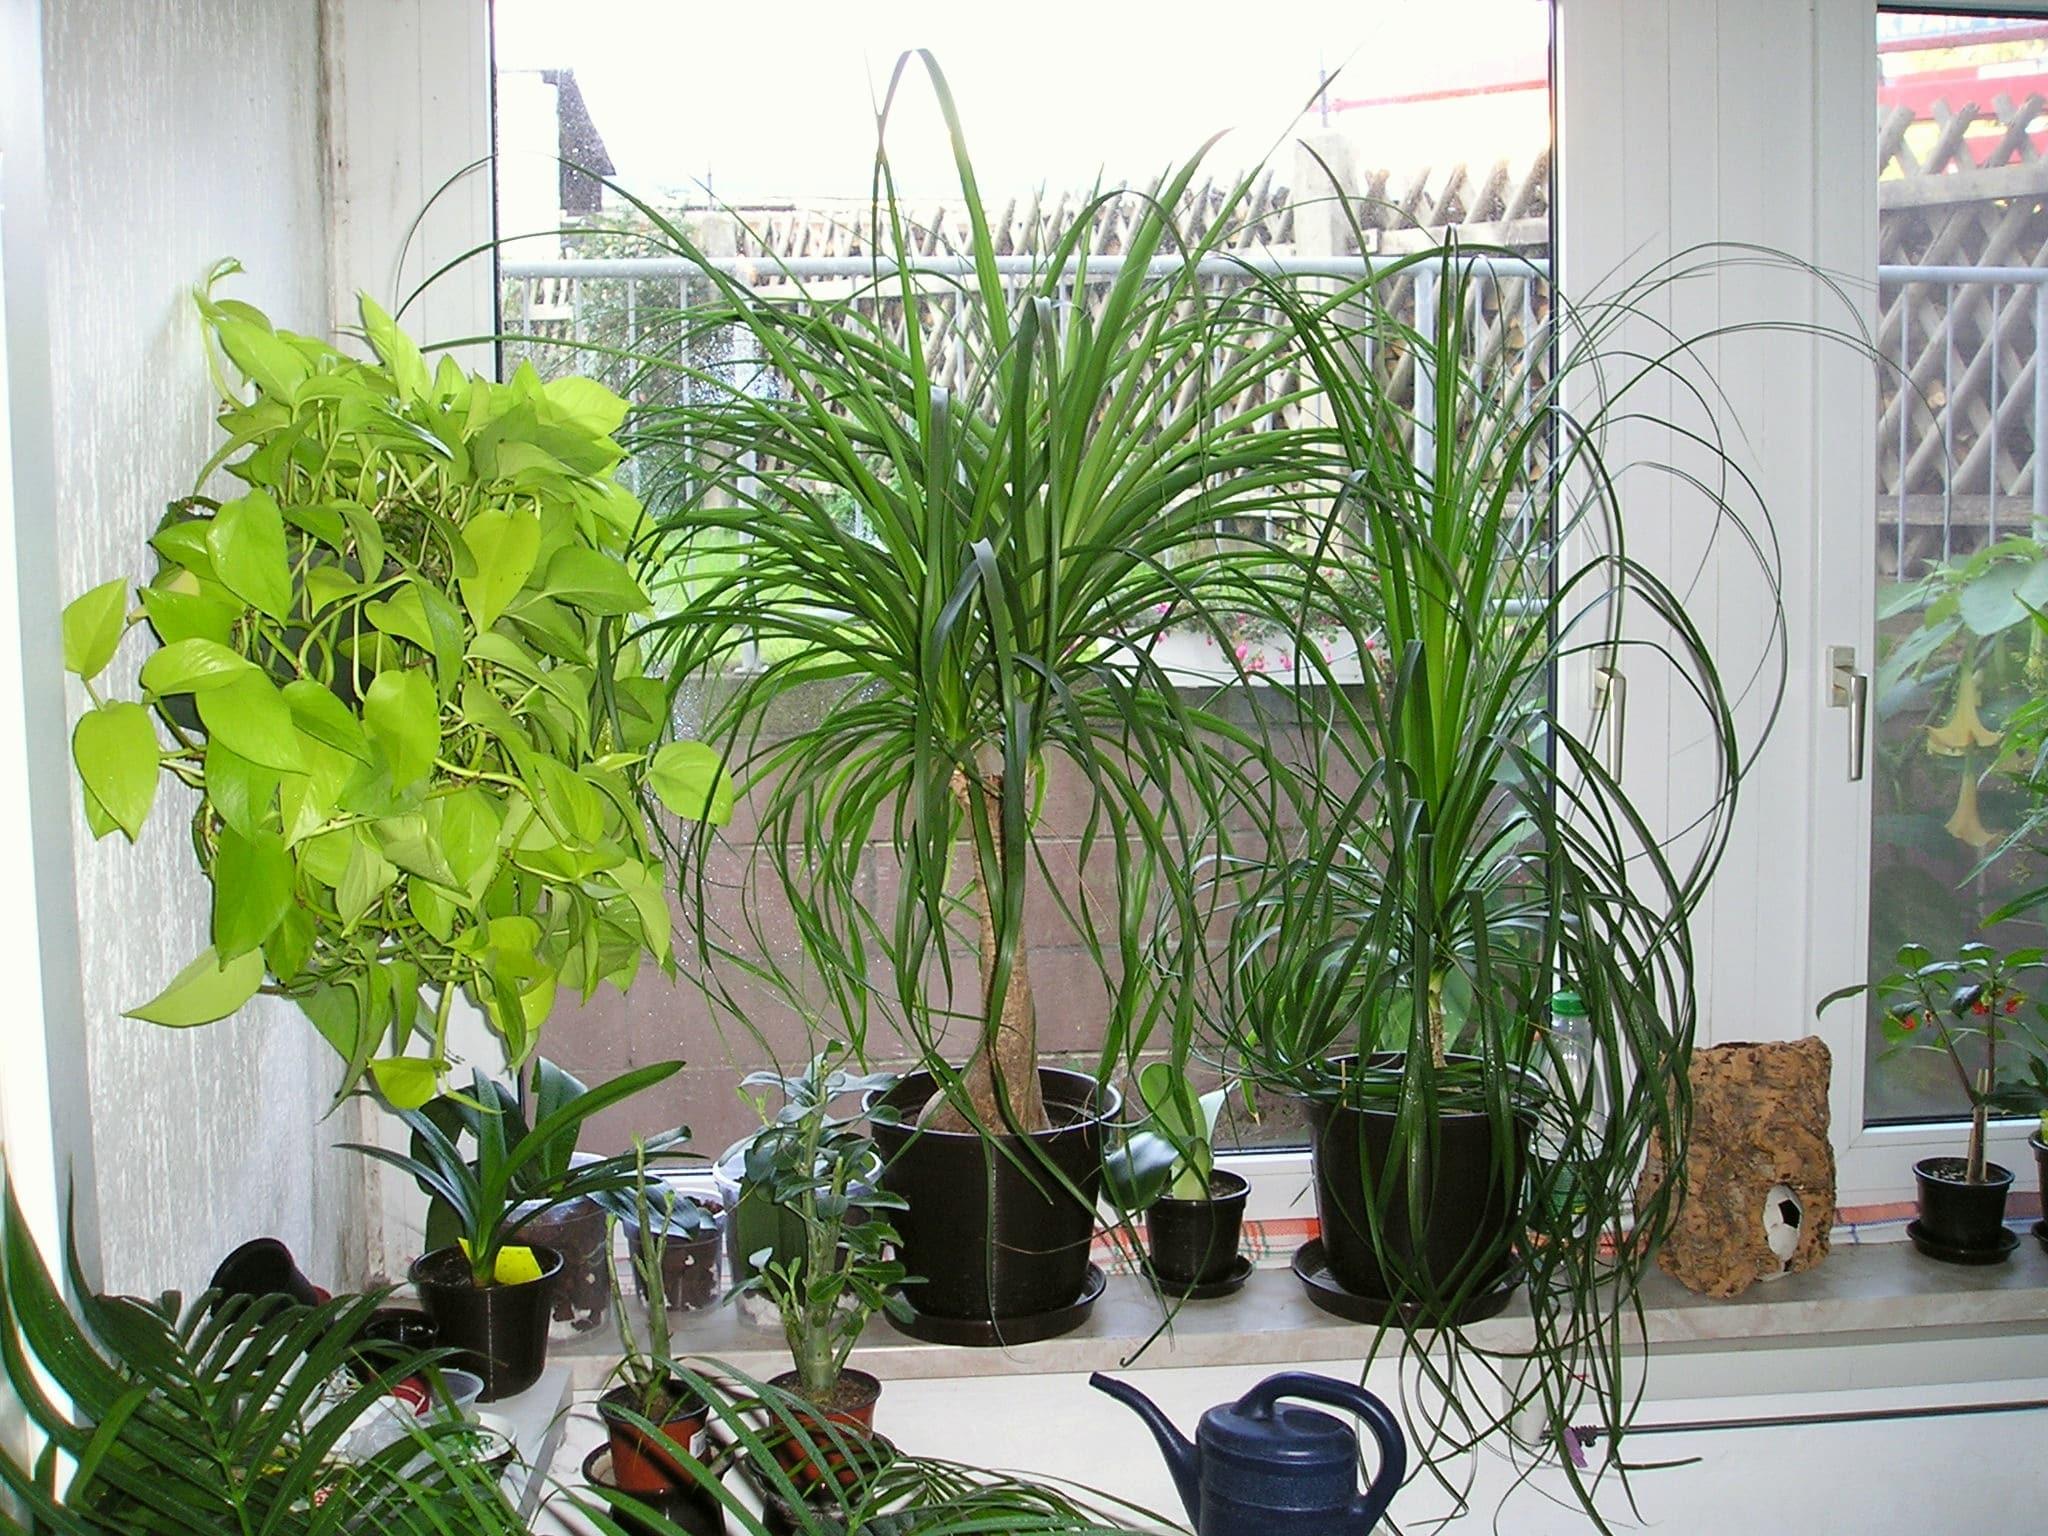 La falta de espacio detiene el crecimiento de las plantas